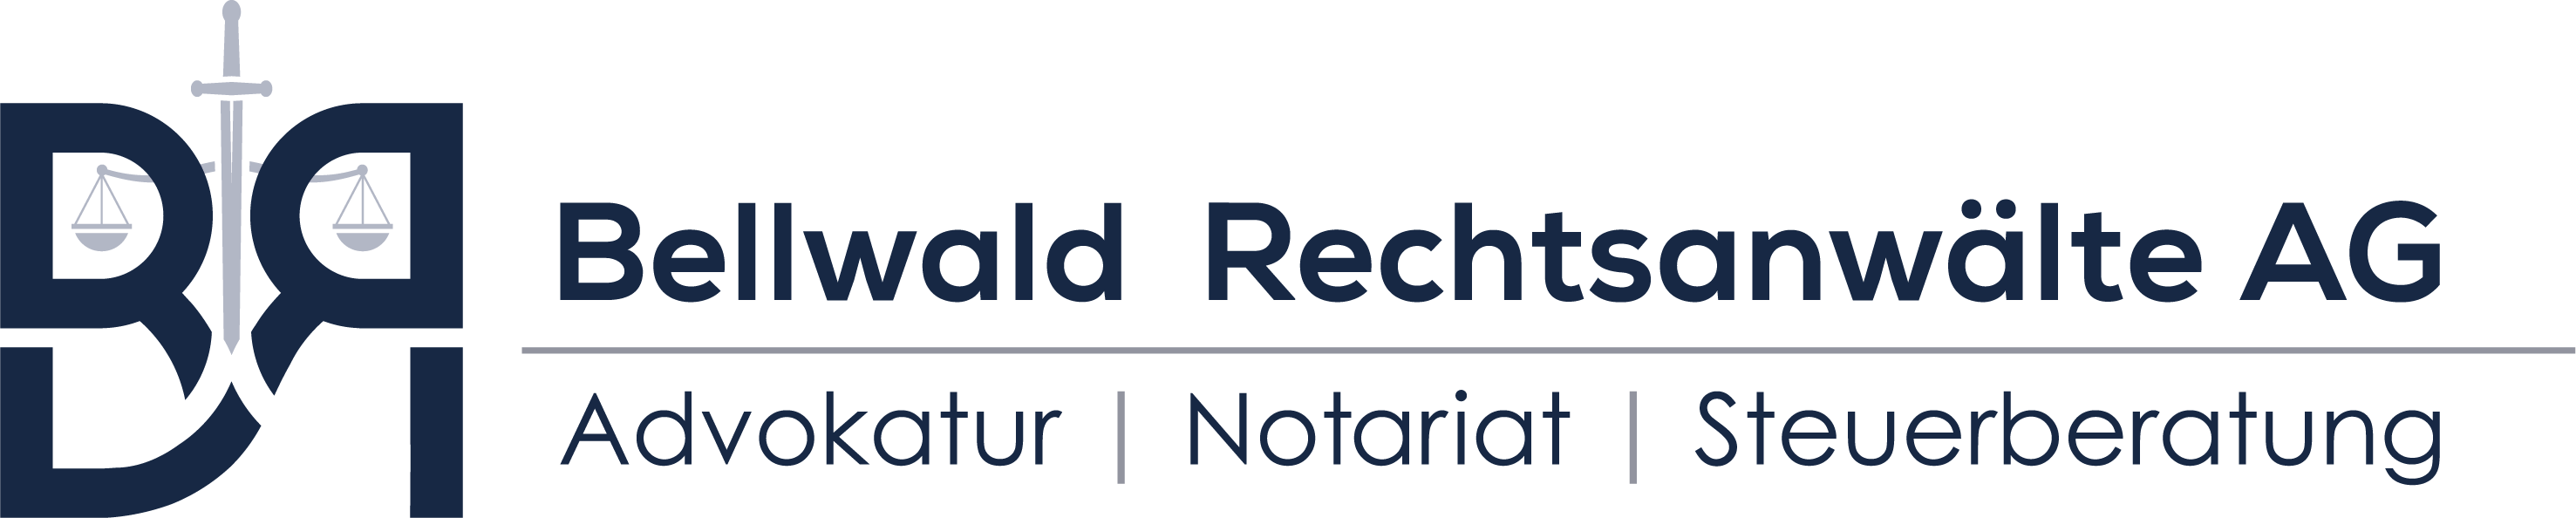 Bellwald, Biner, Wyer AG - Rechtsberatung, Advokatur & Notariat